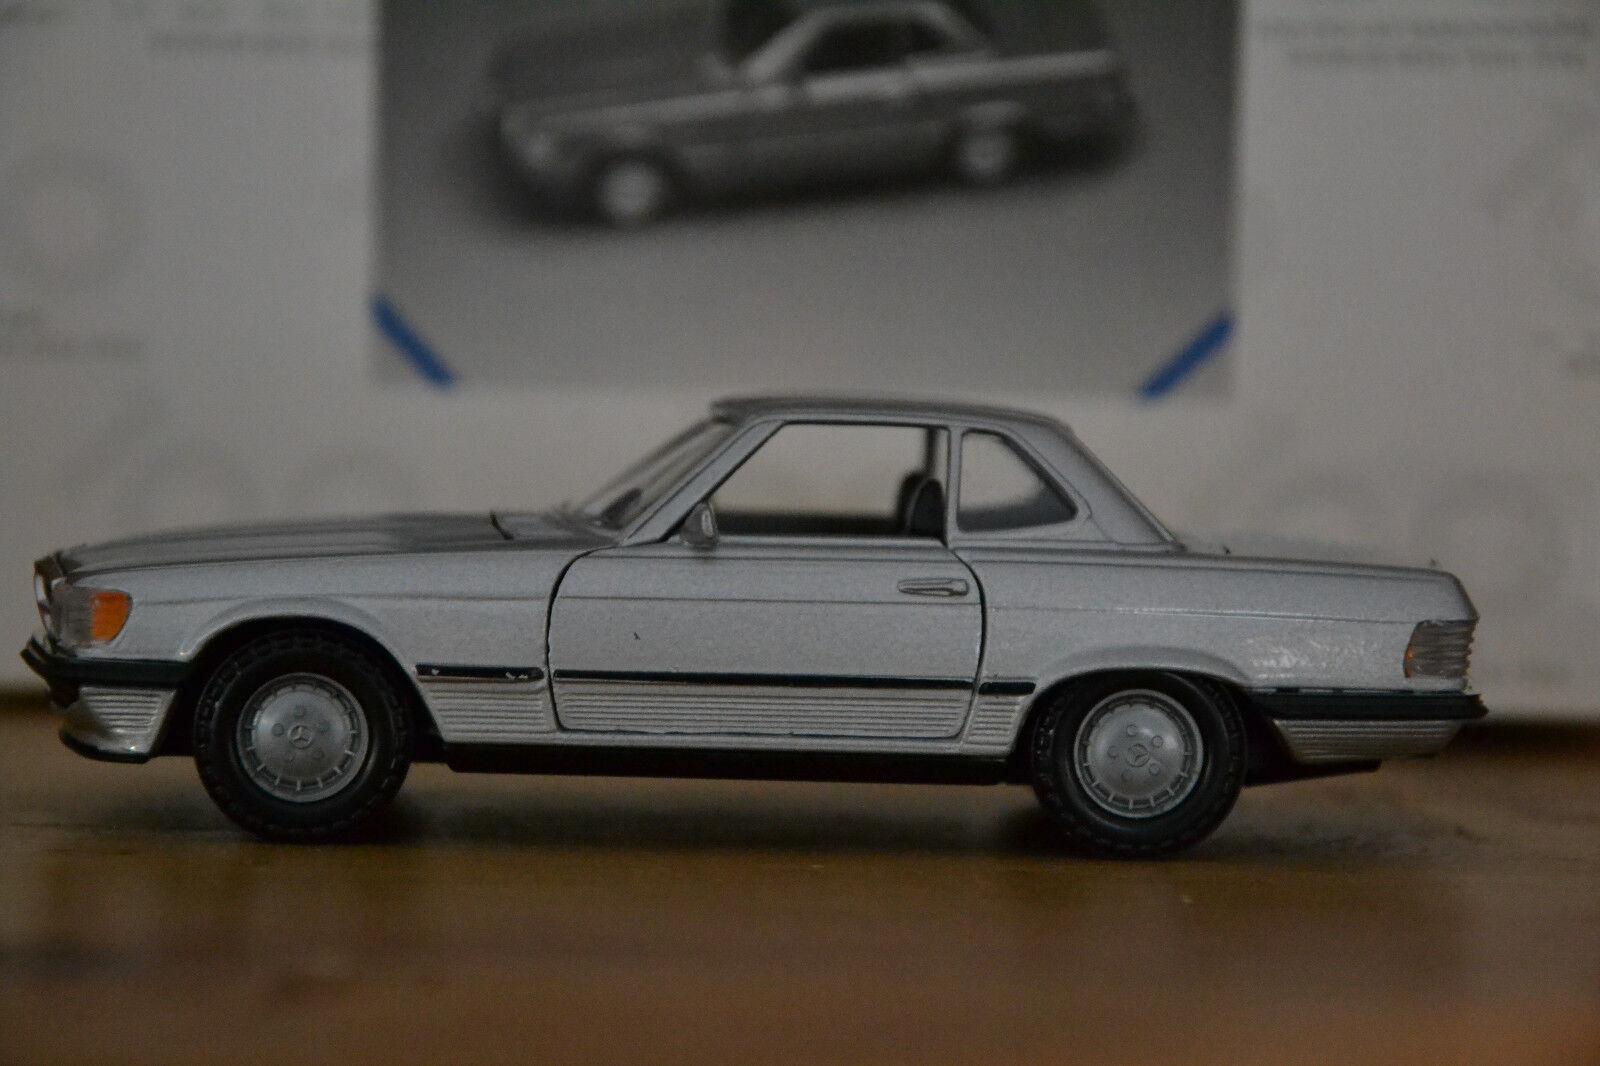 R107 Mercedes Benz 500SL Modell von NZG 1 35 in silber guter Zustand Hardtop OVP